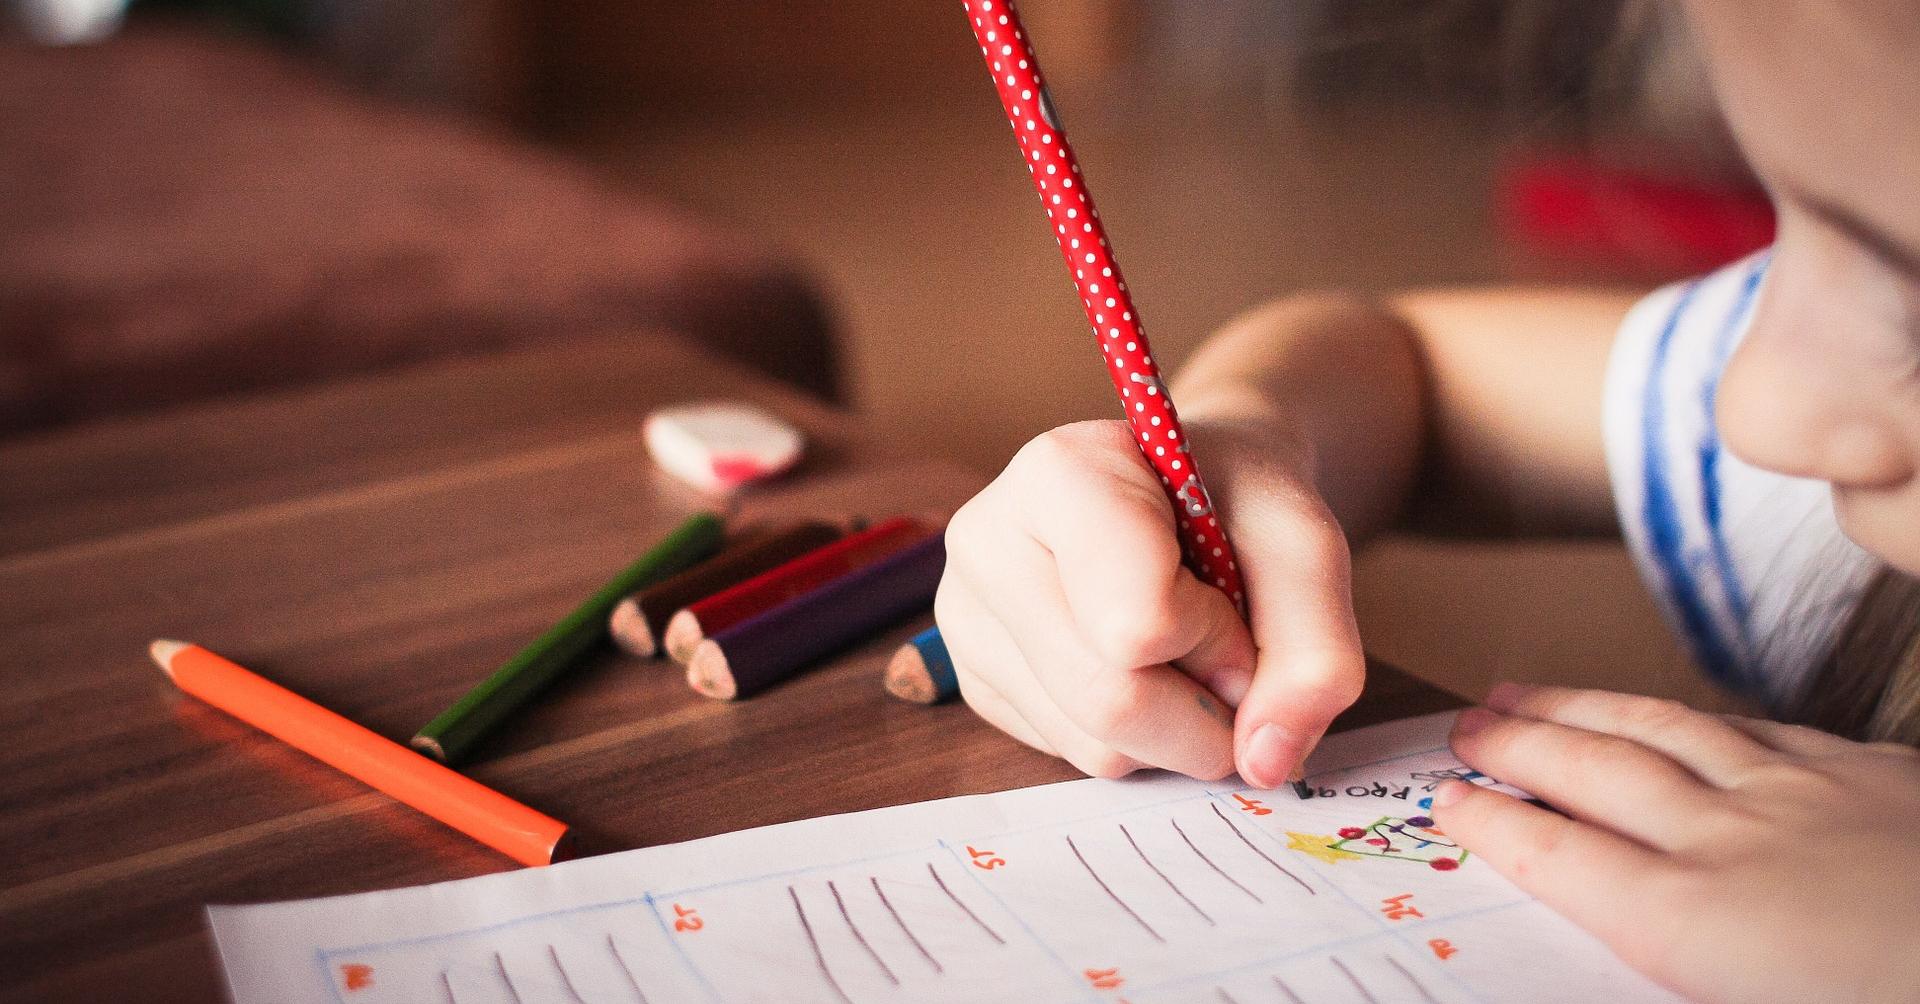 Jeux Pour Enfants : Les Meilleures Jeux Éducatifs encequiconcerne Jeux Educatif Gratuit En Ligne